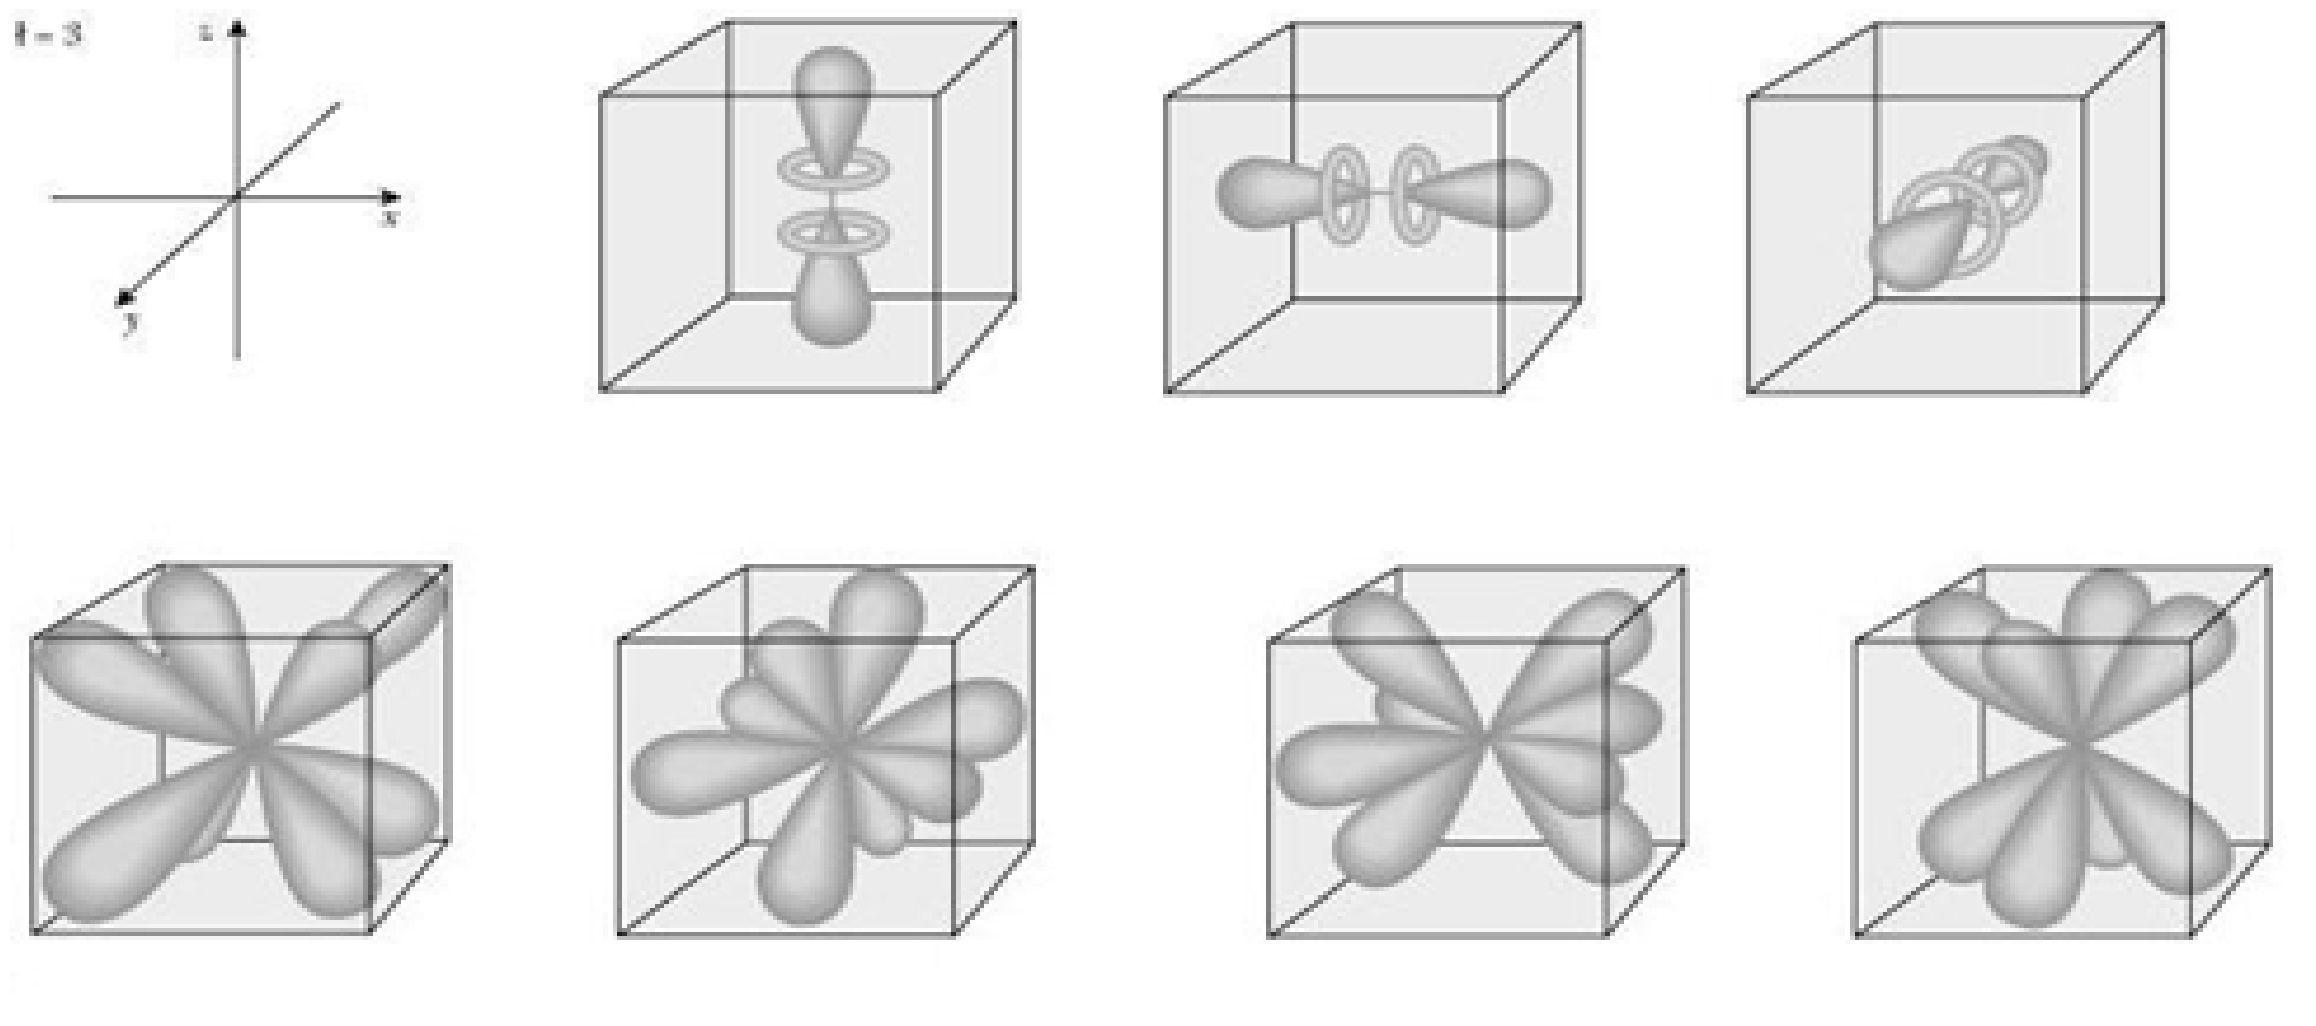 ¿Qué es un orbital atómico?